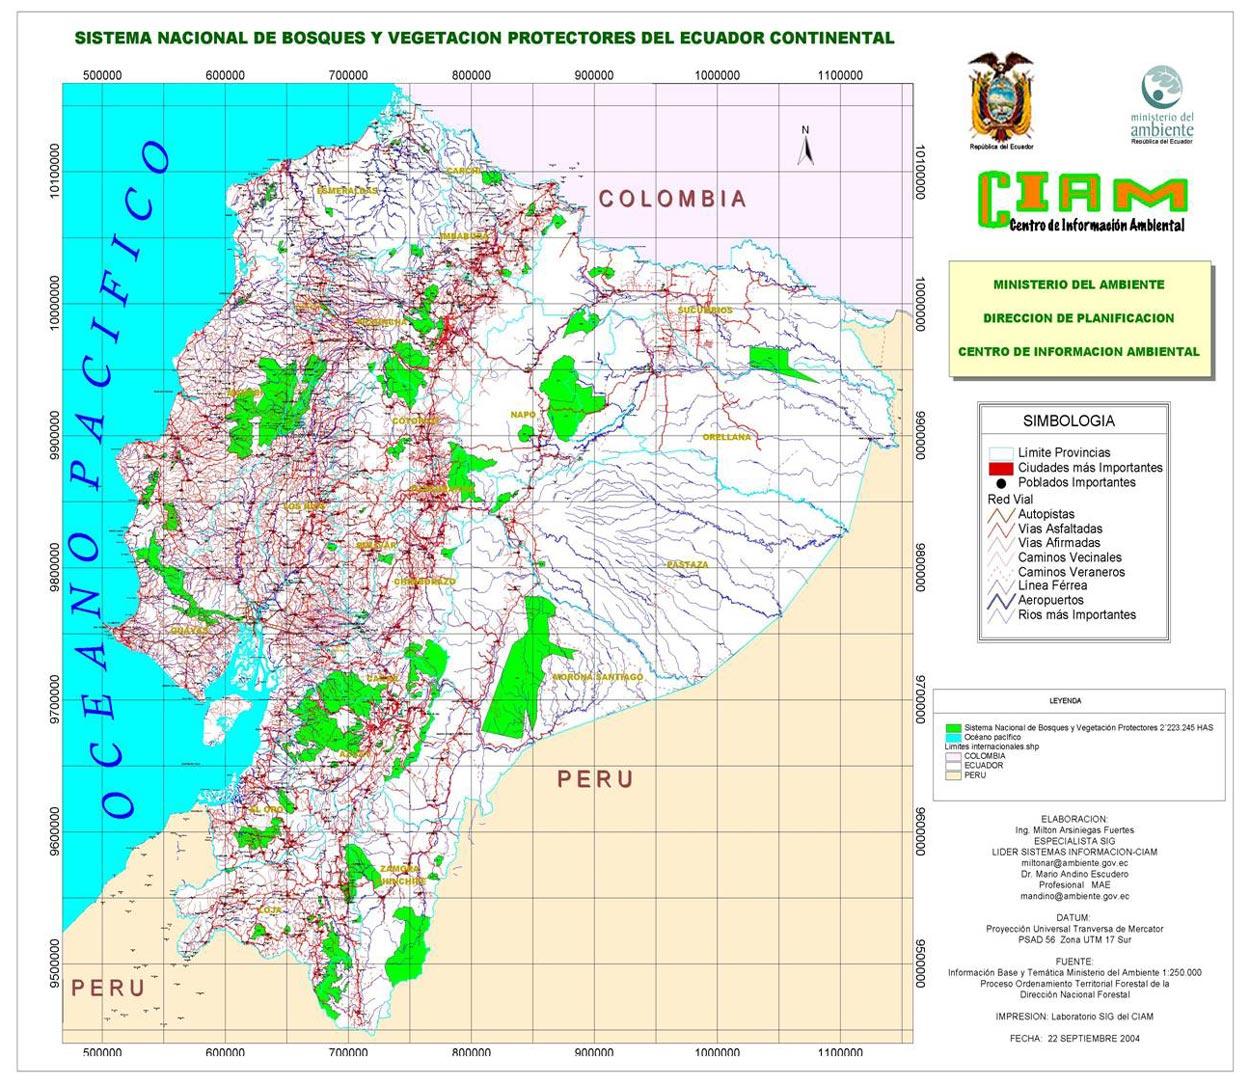 Mapa de Bosques y vegetación protectores del Ecuador 2004